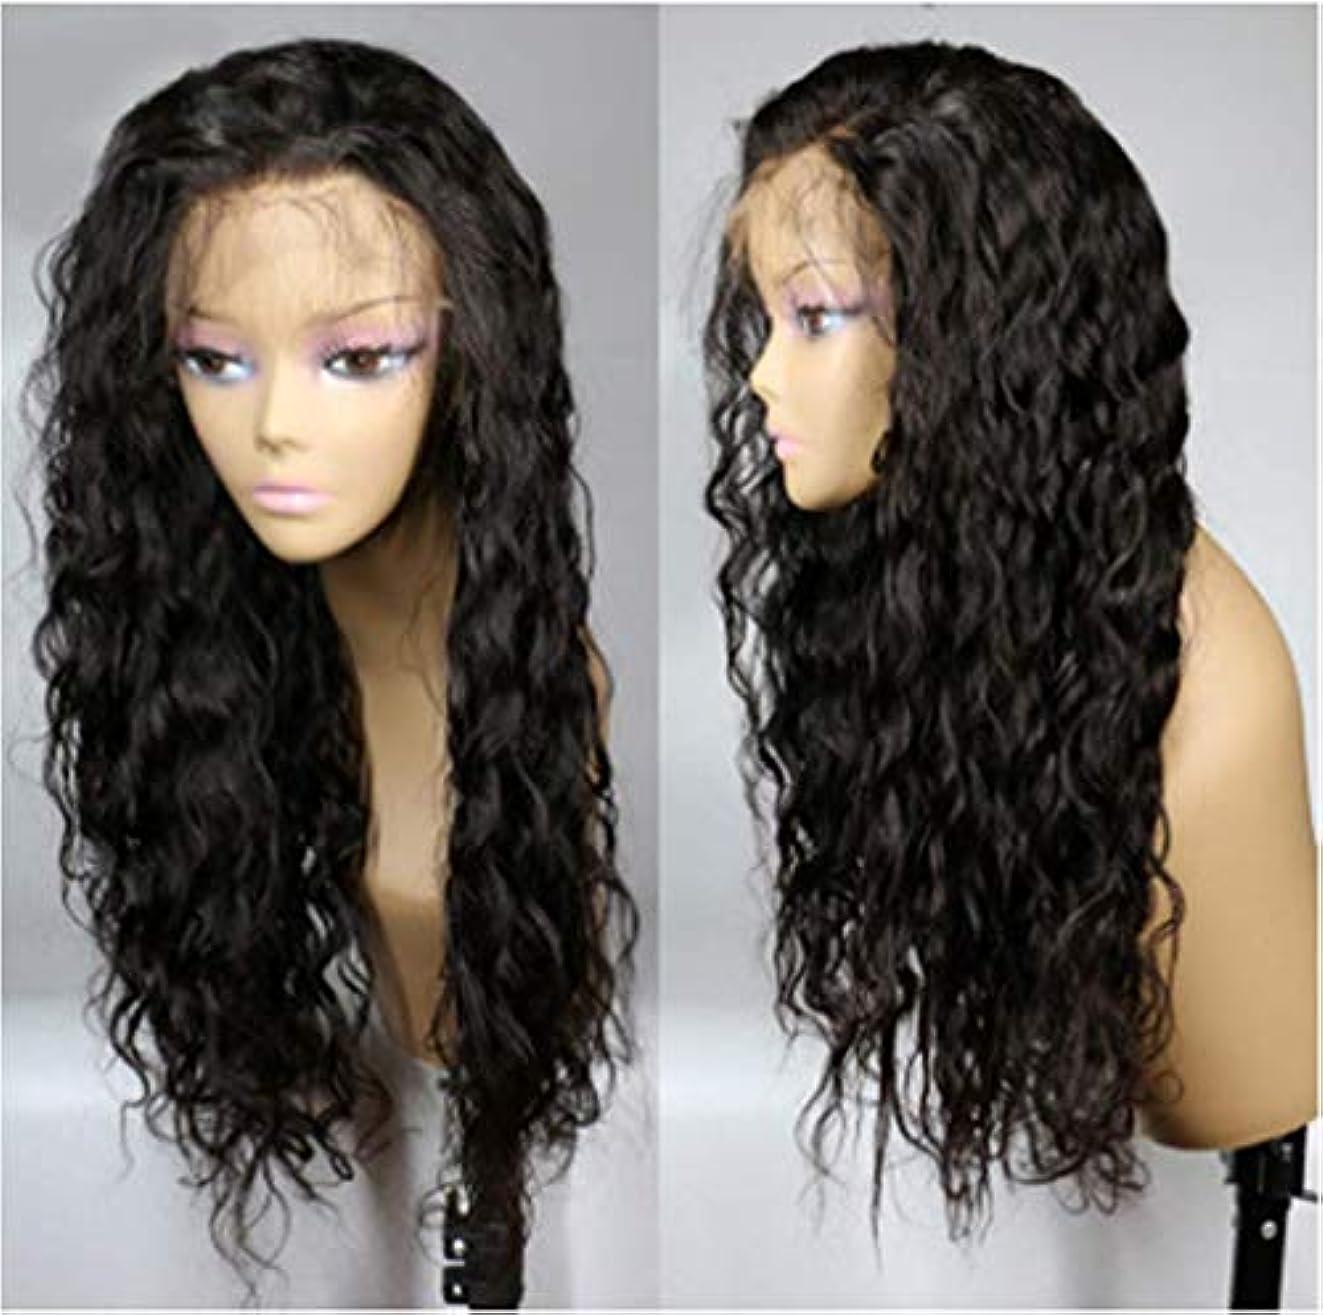 リングクライアント神経障害女性130%密度フロントレースかつら人間の髪実体波グルーレスブラジルバージン人間の髪の毛のかつらで赤ん坊の毛